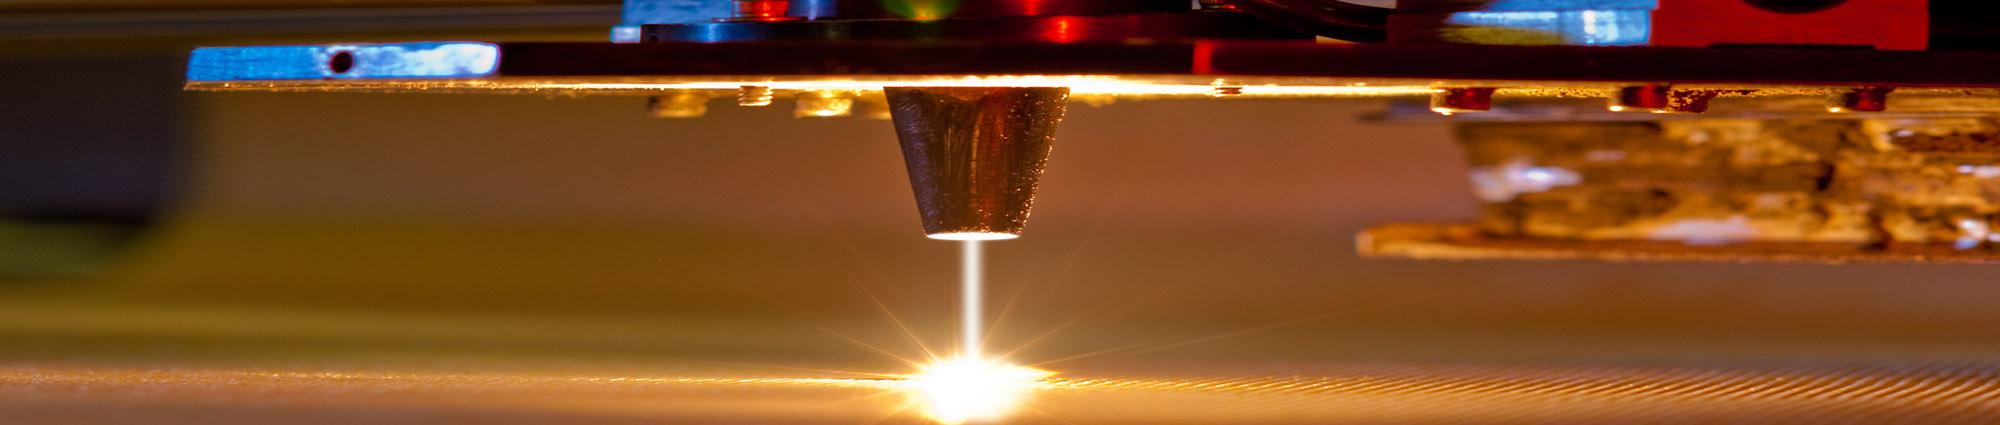 Laser Engraving Services Michigan Lansing Mi Detroit